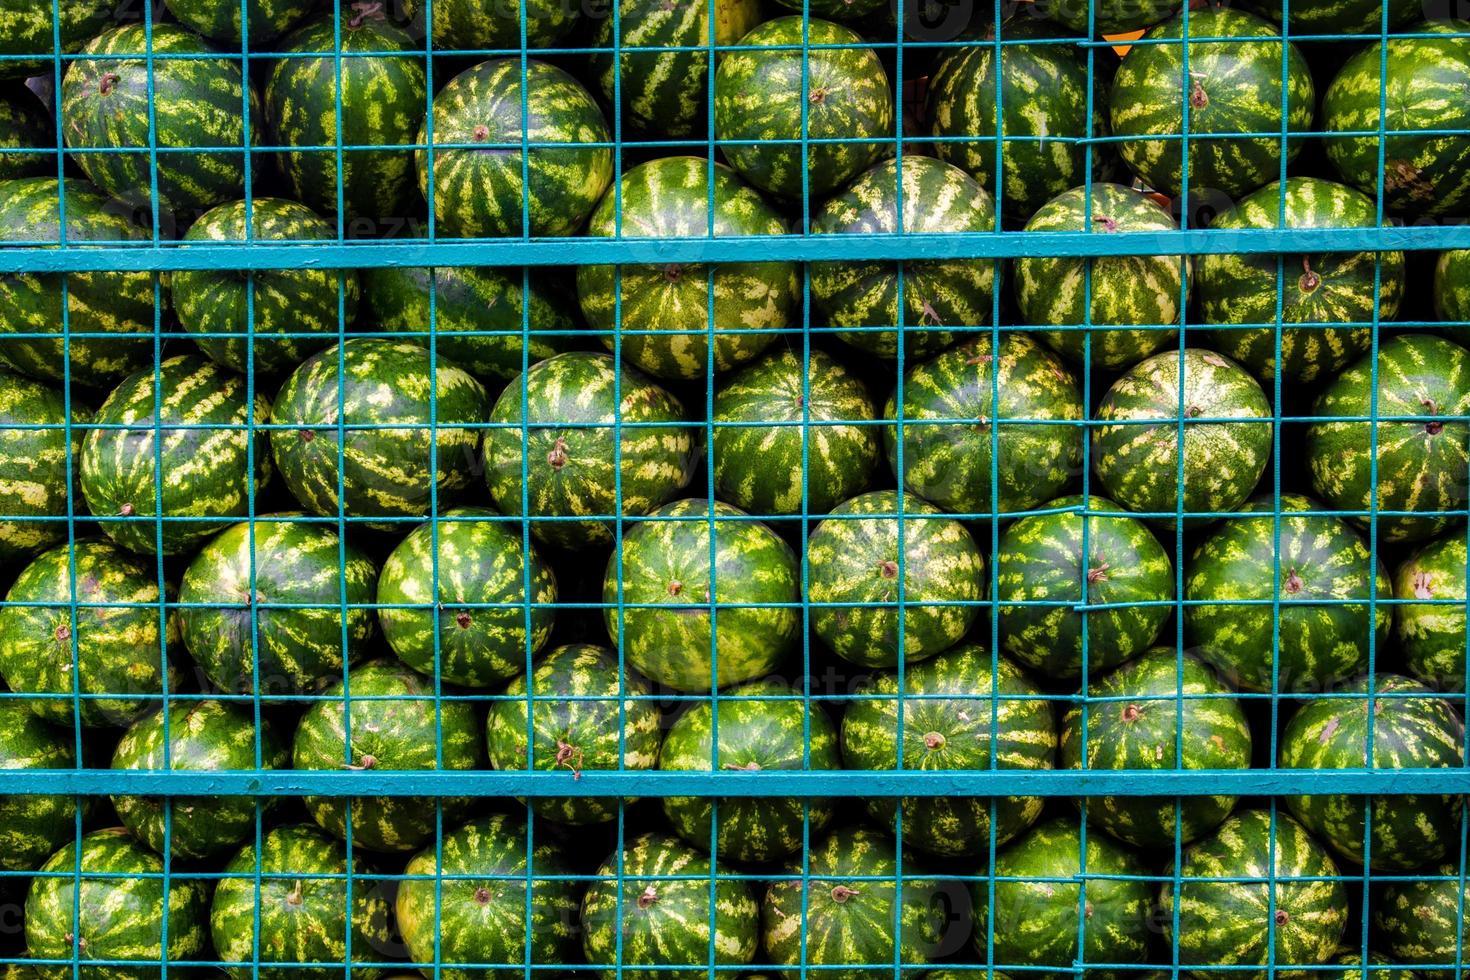 pastèques vertes en cage photo